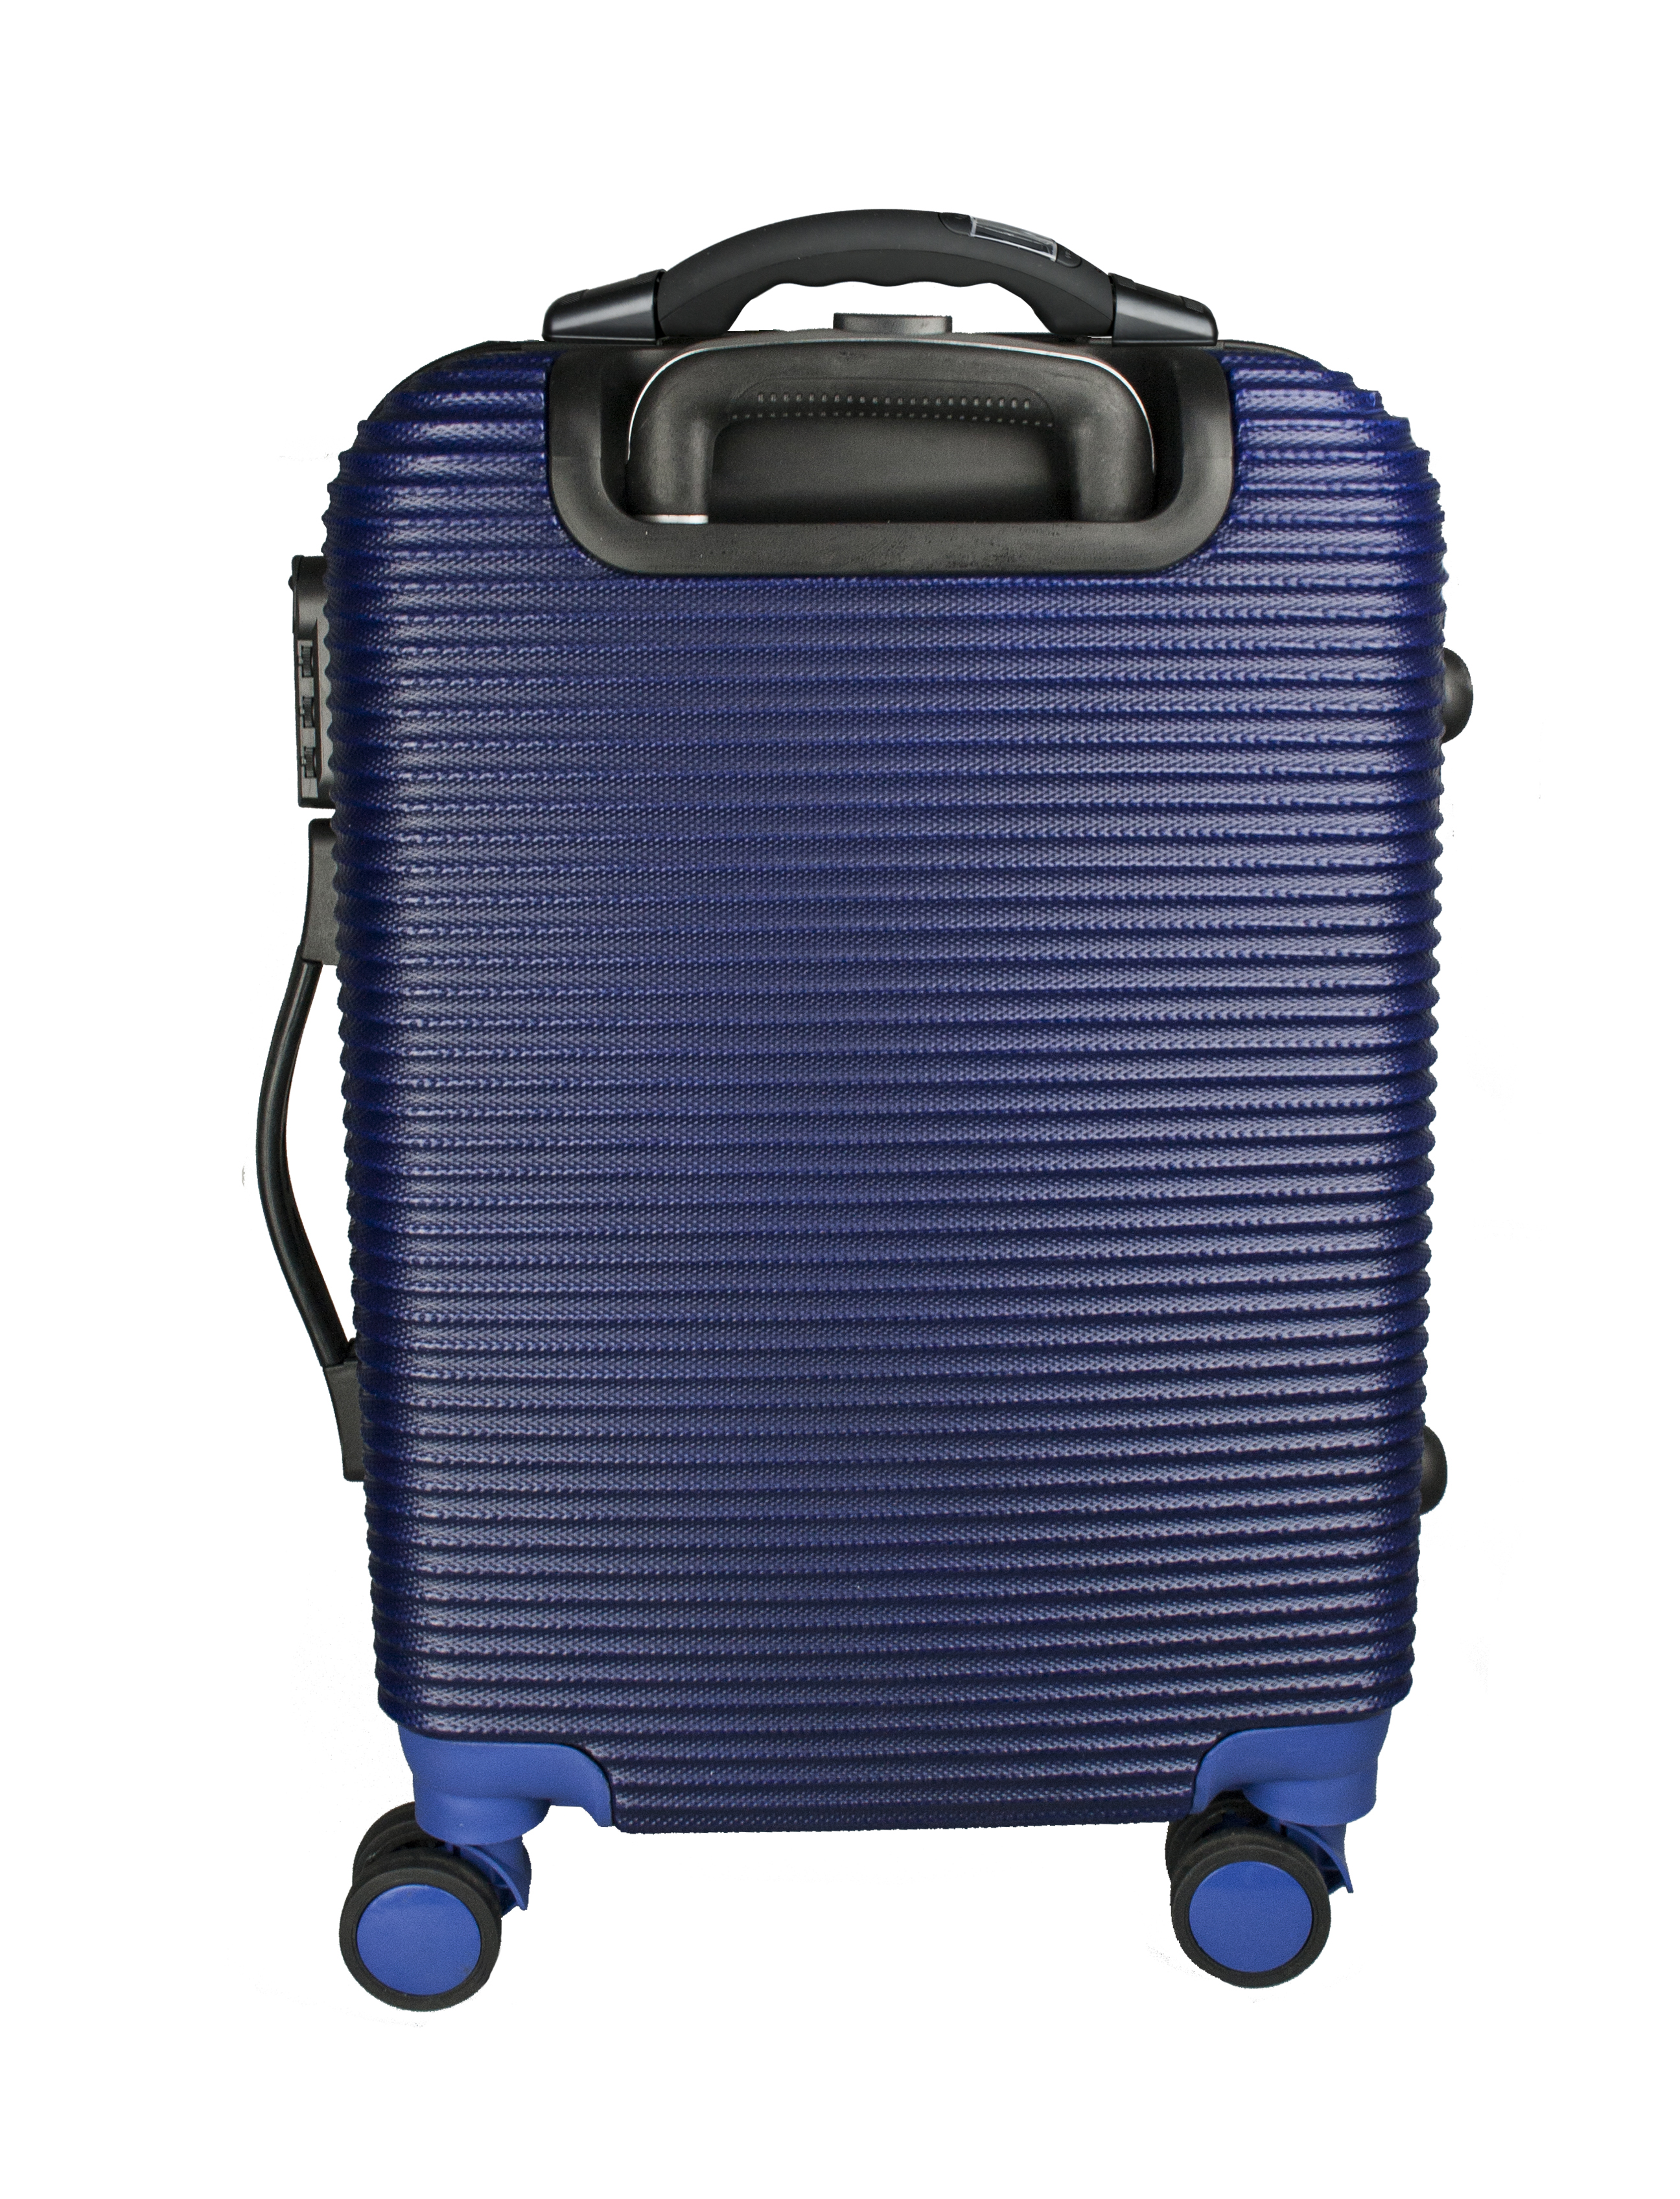 Чемодан Proffi PH8861navyPH8861navyЧемодан PROFFI бежевого цвета на колесах, со встроенными весами.Большой и вместительный чемодан, который прекрасно подходит как для деловых поездок, так и для путешествий, в которые нужно брать большое количество вещей. Выполнен из пластика, отличается высокой стойкостью к механическим воздействиям.Для Вашего удобства чемодан оборудован запатентованными встроенными весами. Они существенно упрощают процедуру взвешивания и позволяют избежать трат за перевес, особенно при путешествии самолётом.Внутри чемодана 2 отделения: одно на замке-молнии по периметру, во втором вещи фиксируются при помощи перекрестных прижимных ремней. Закрывается чемодан на молнию и кодовый замок.Для удобства транспортировки имеется 4 независимых колеса, прочная выдвижная и обычная ручки сверху, а также боковая ручка. Рекомендуем!